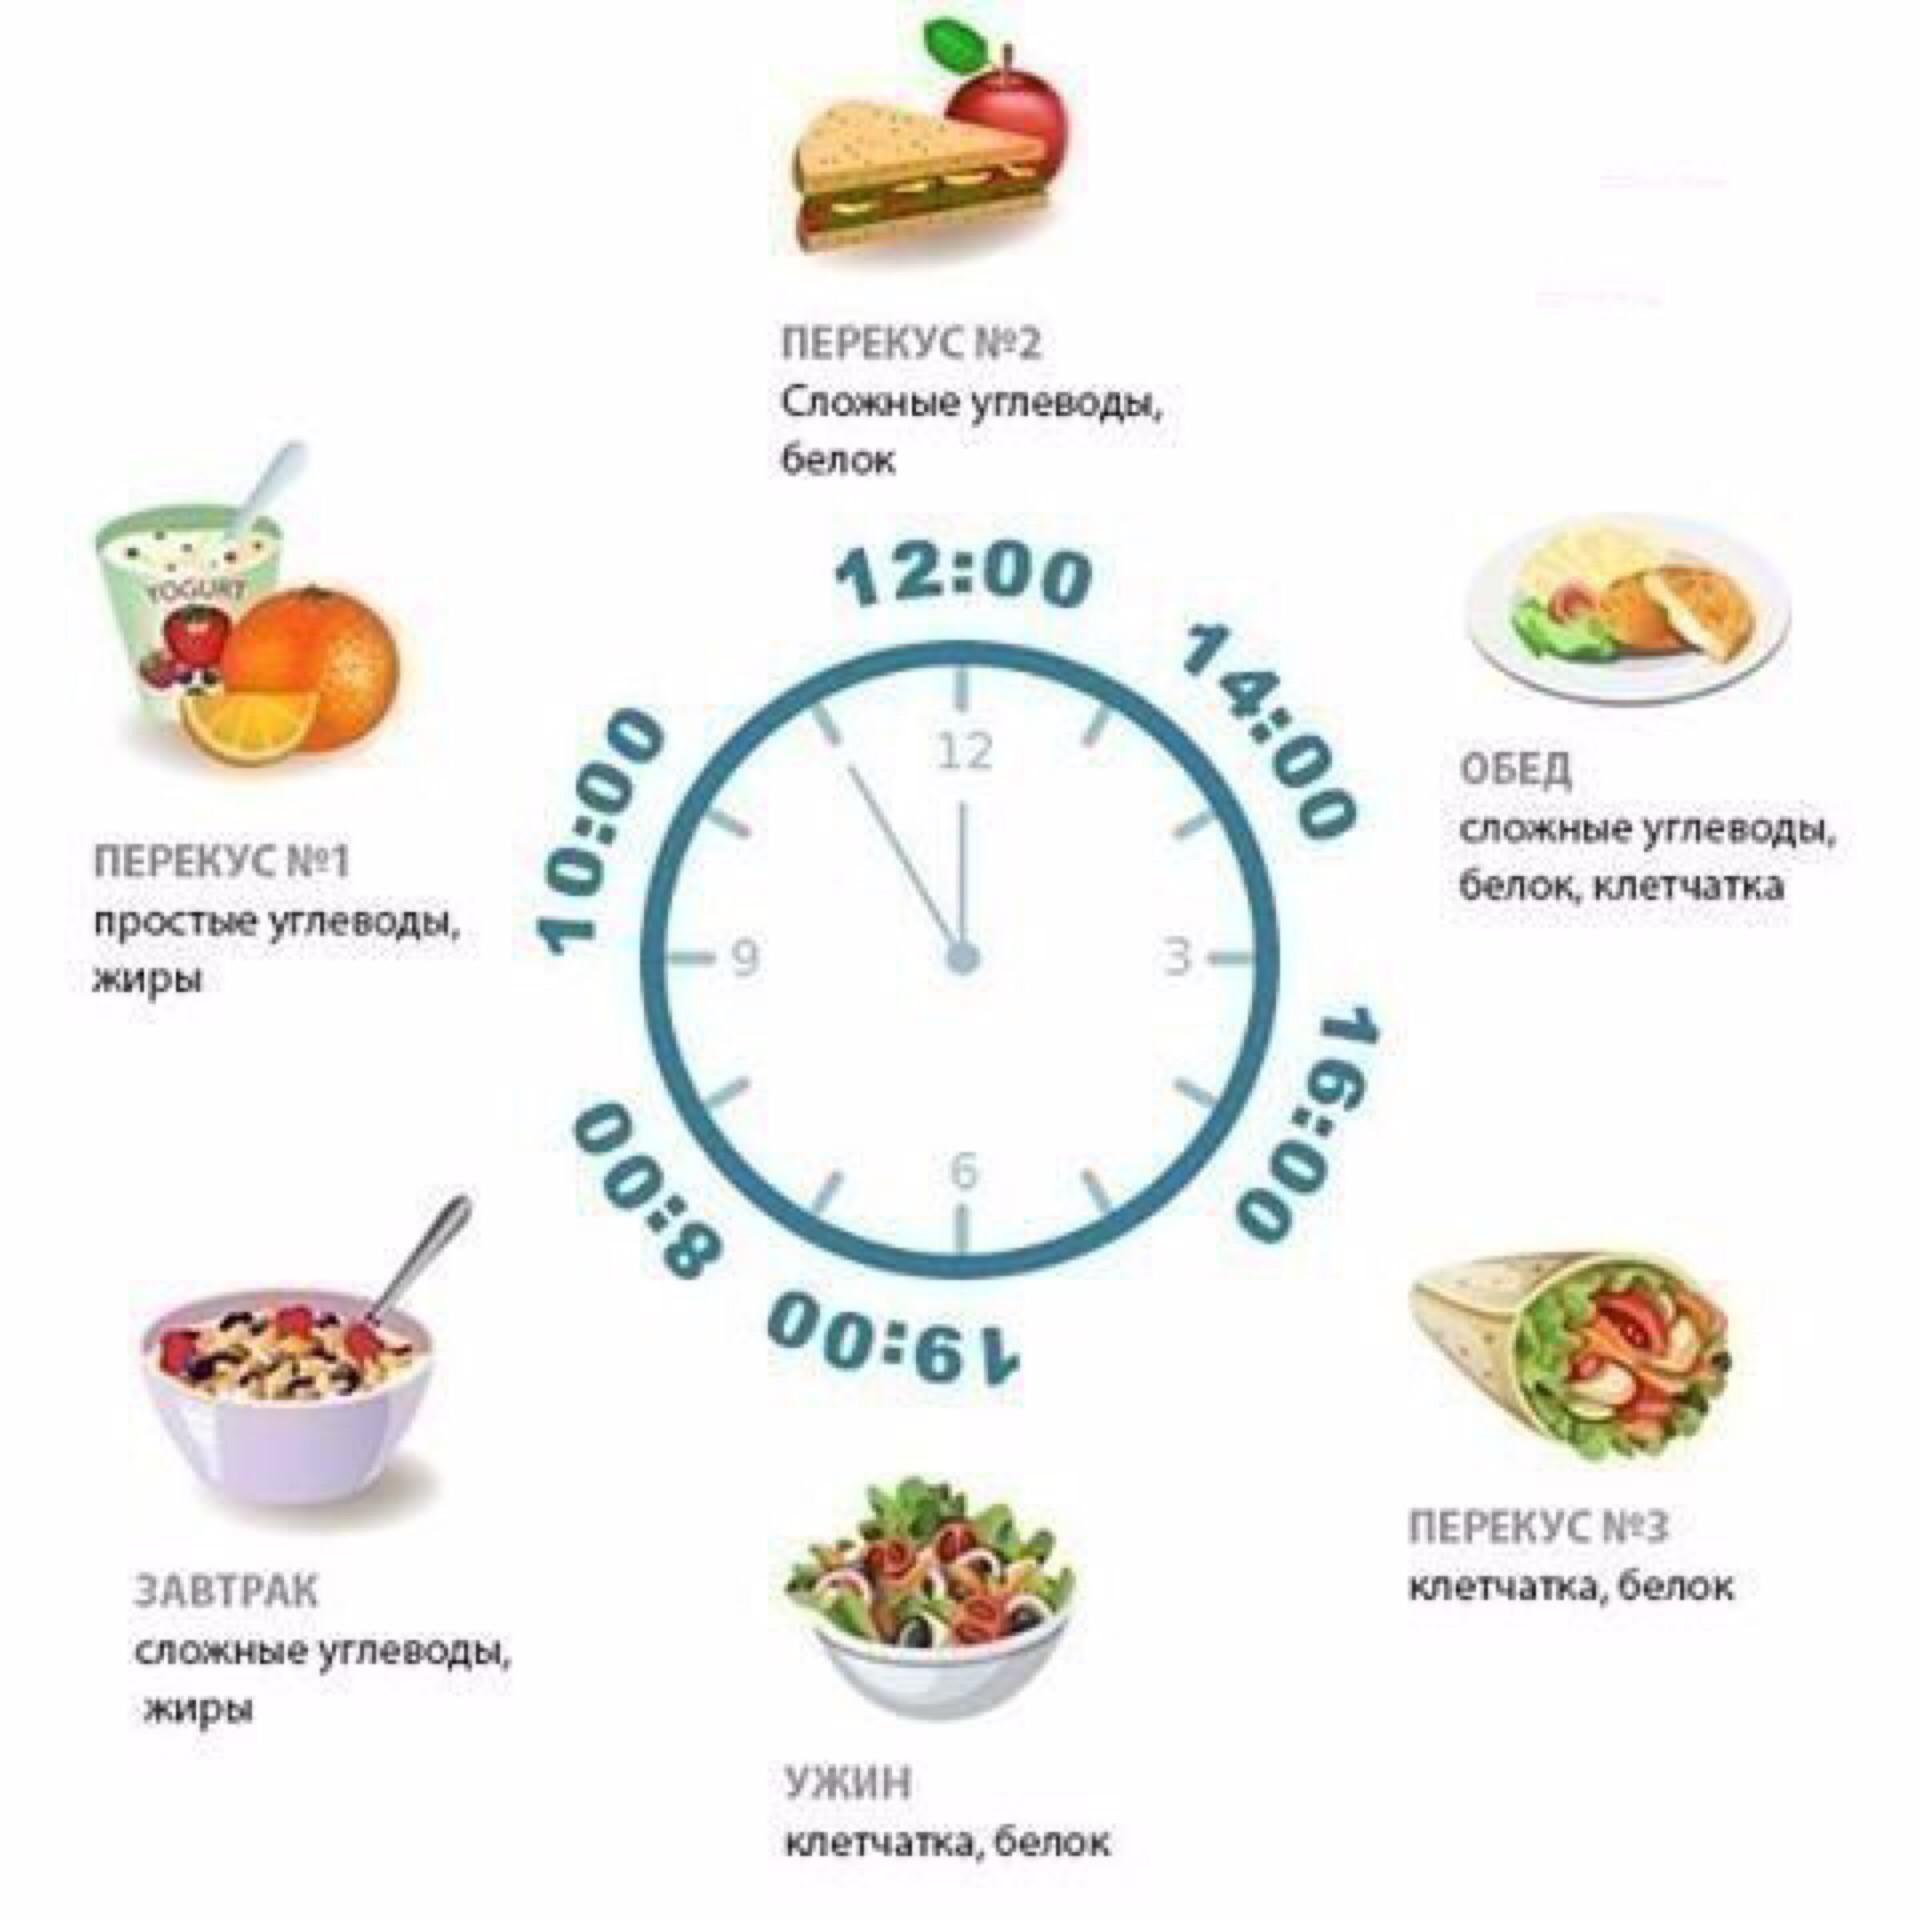 Схема питания для похудения пп